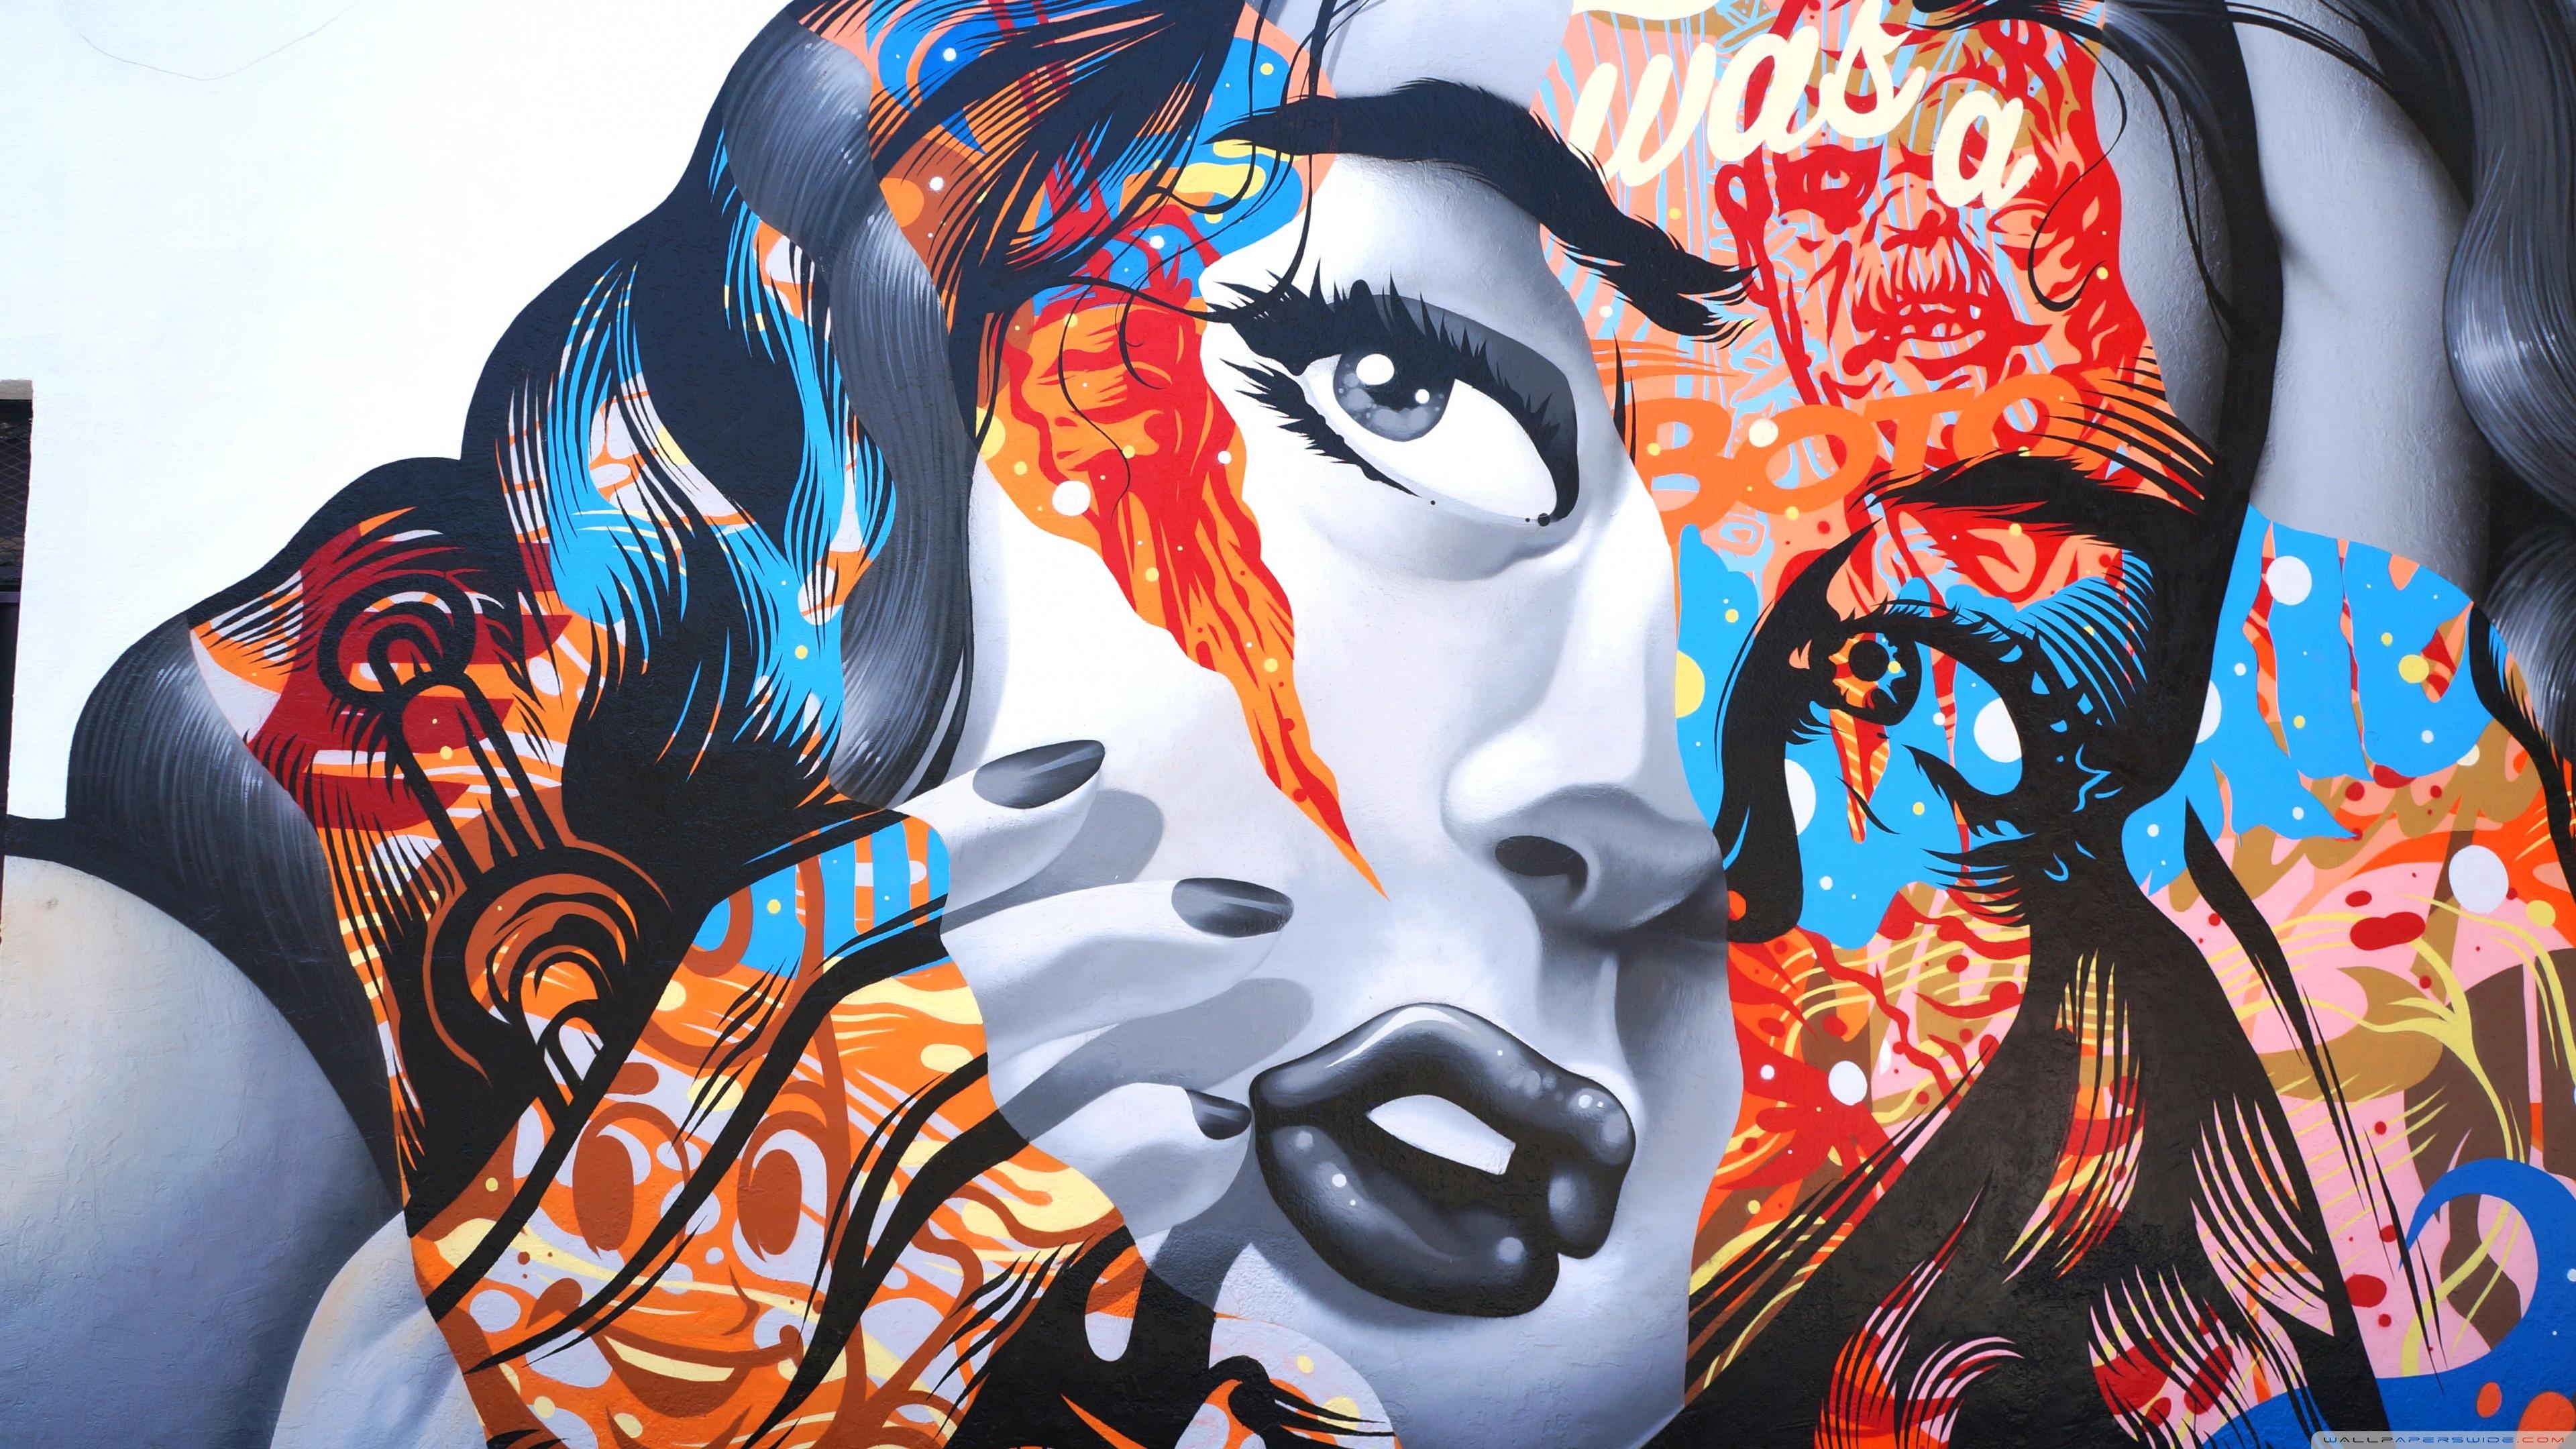 BioShock Infinite Graffiti, HD Games, 4k Wallpapers ...